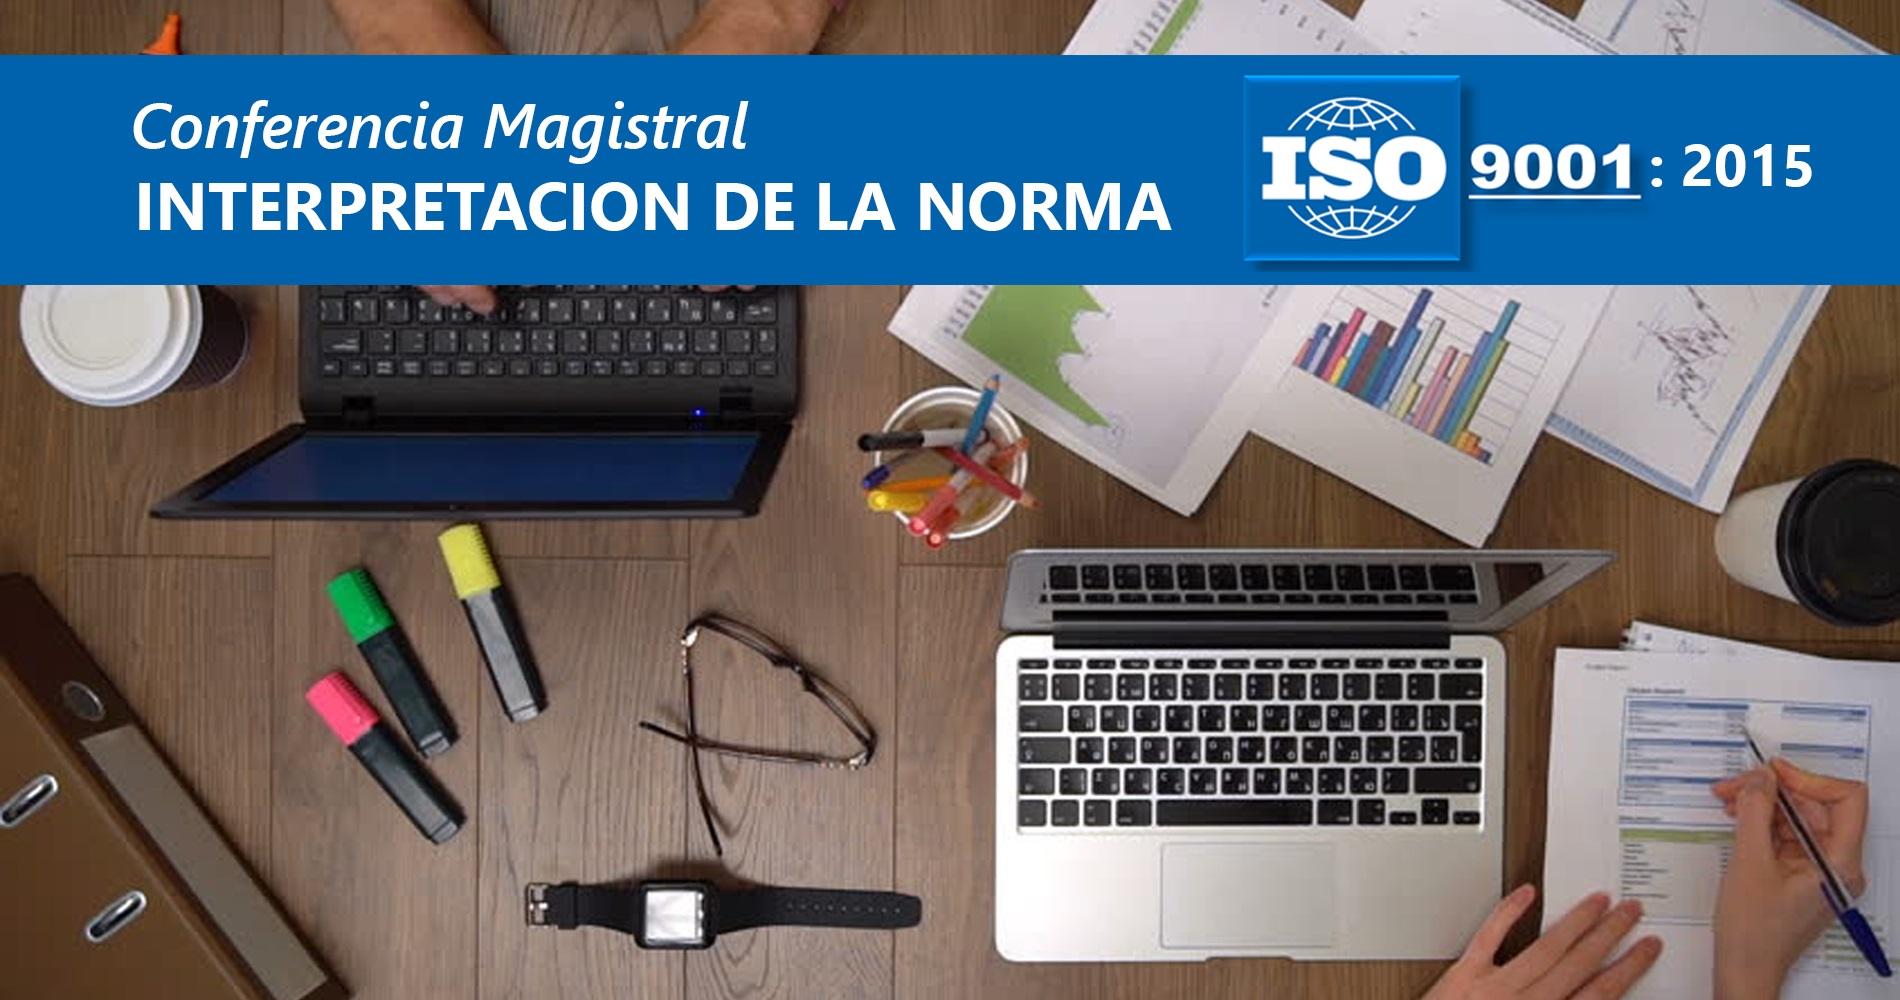 Conferencia Magistral Sistemas de Gestión de Calidad ISO 9001:2015